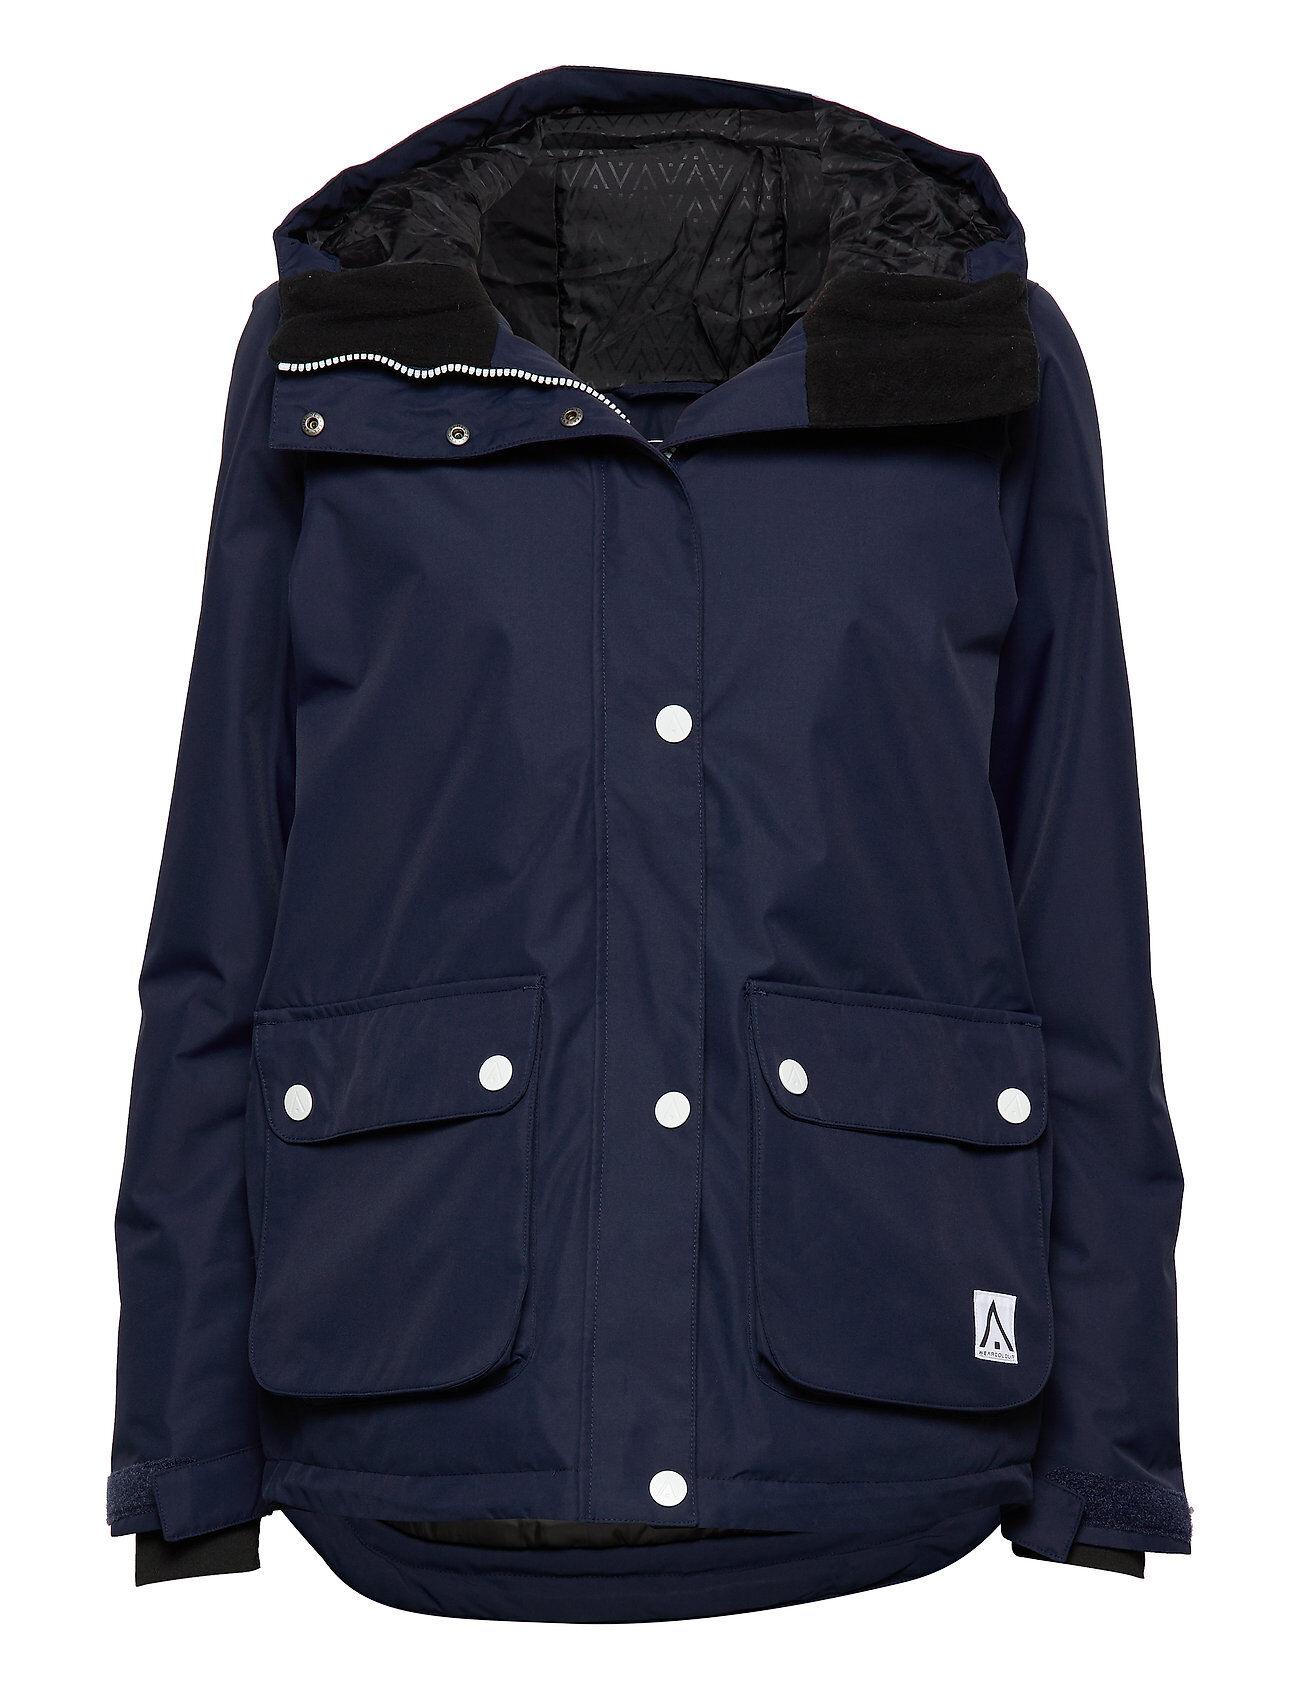 WearColour Ida Jacket Outerwear Sport Jackets Sininen WearColour